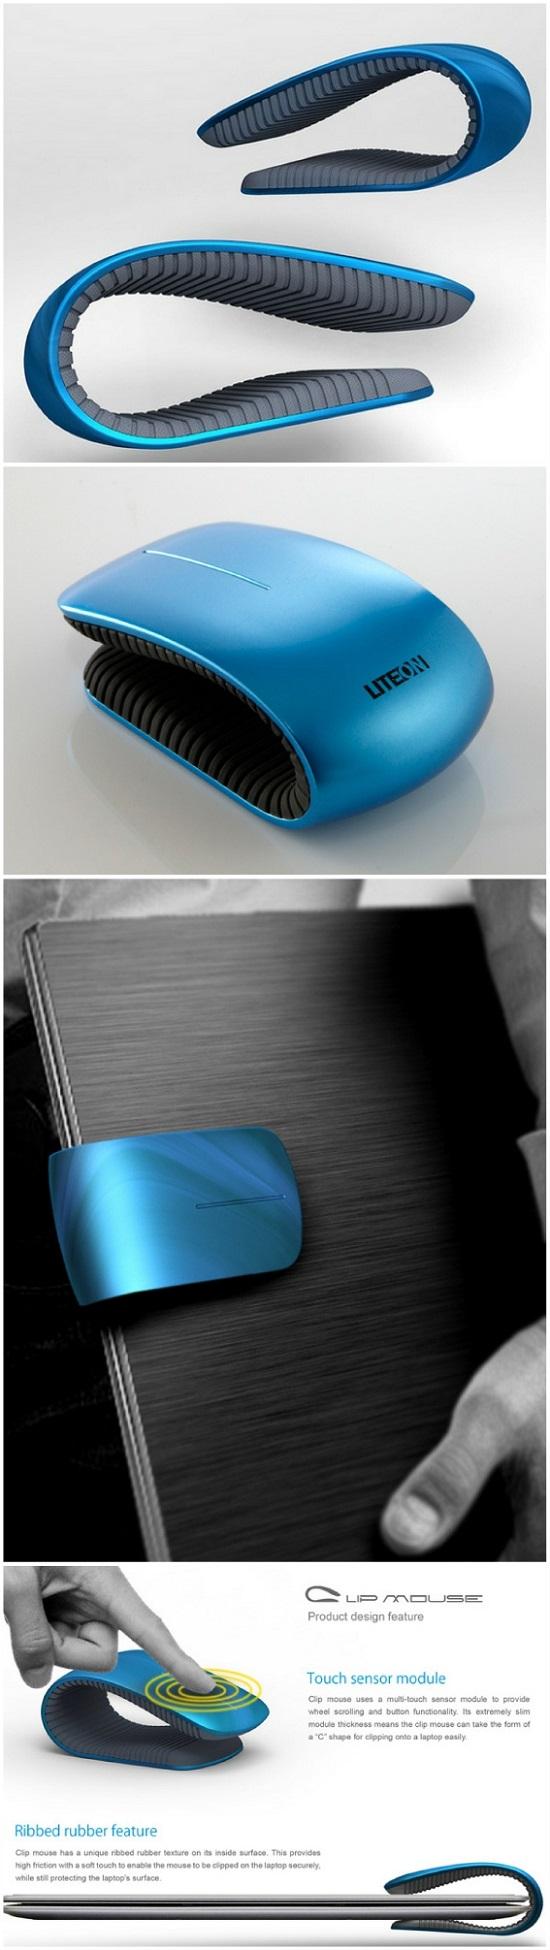 概念夹子鼠标.jpg